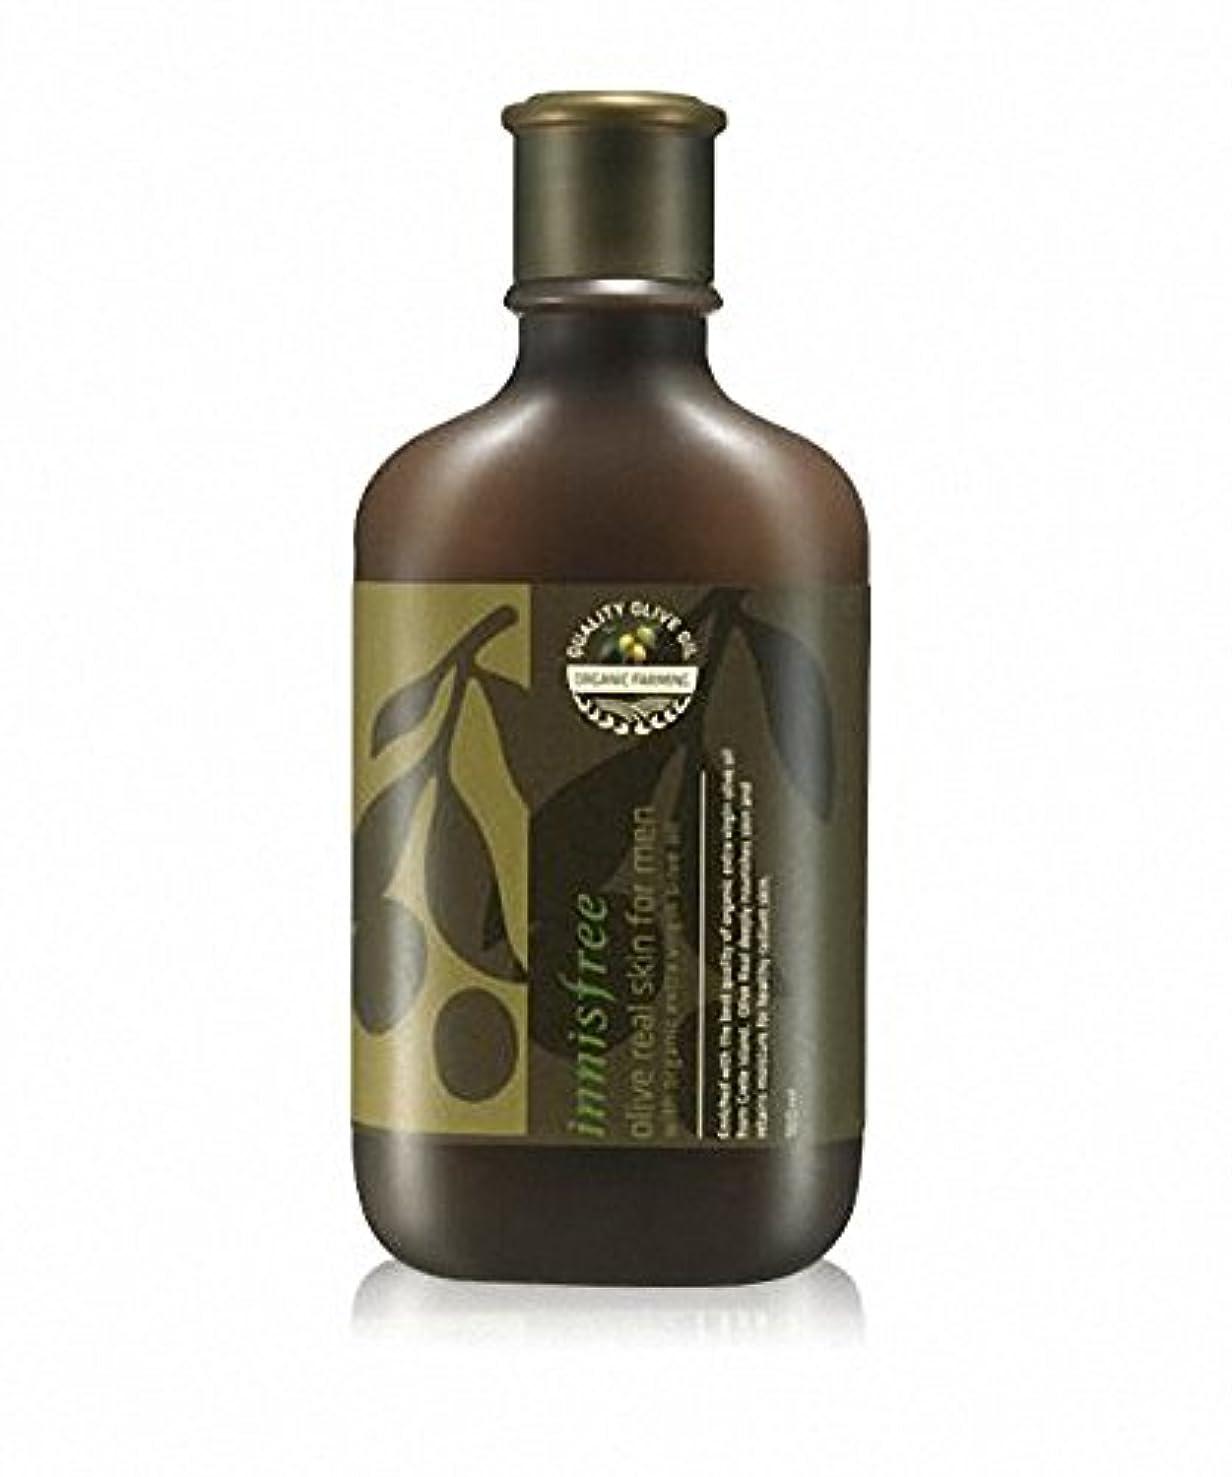 米ドルパーツ生きている[イニスフリー] Innisfree オリーブリアルスキンフォアマン(150ml) Innisfree Olive Real Skin For Men(150ml)  [海外直送品]